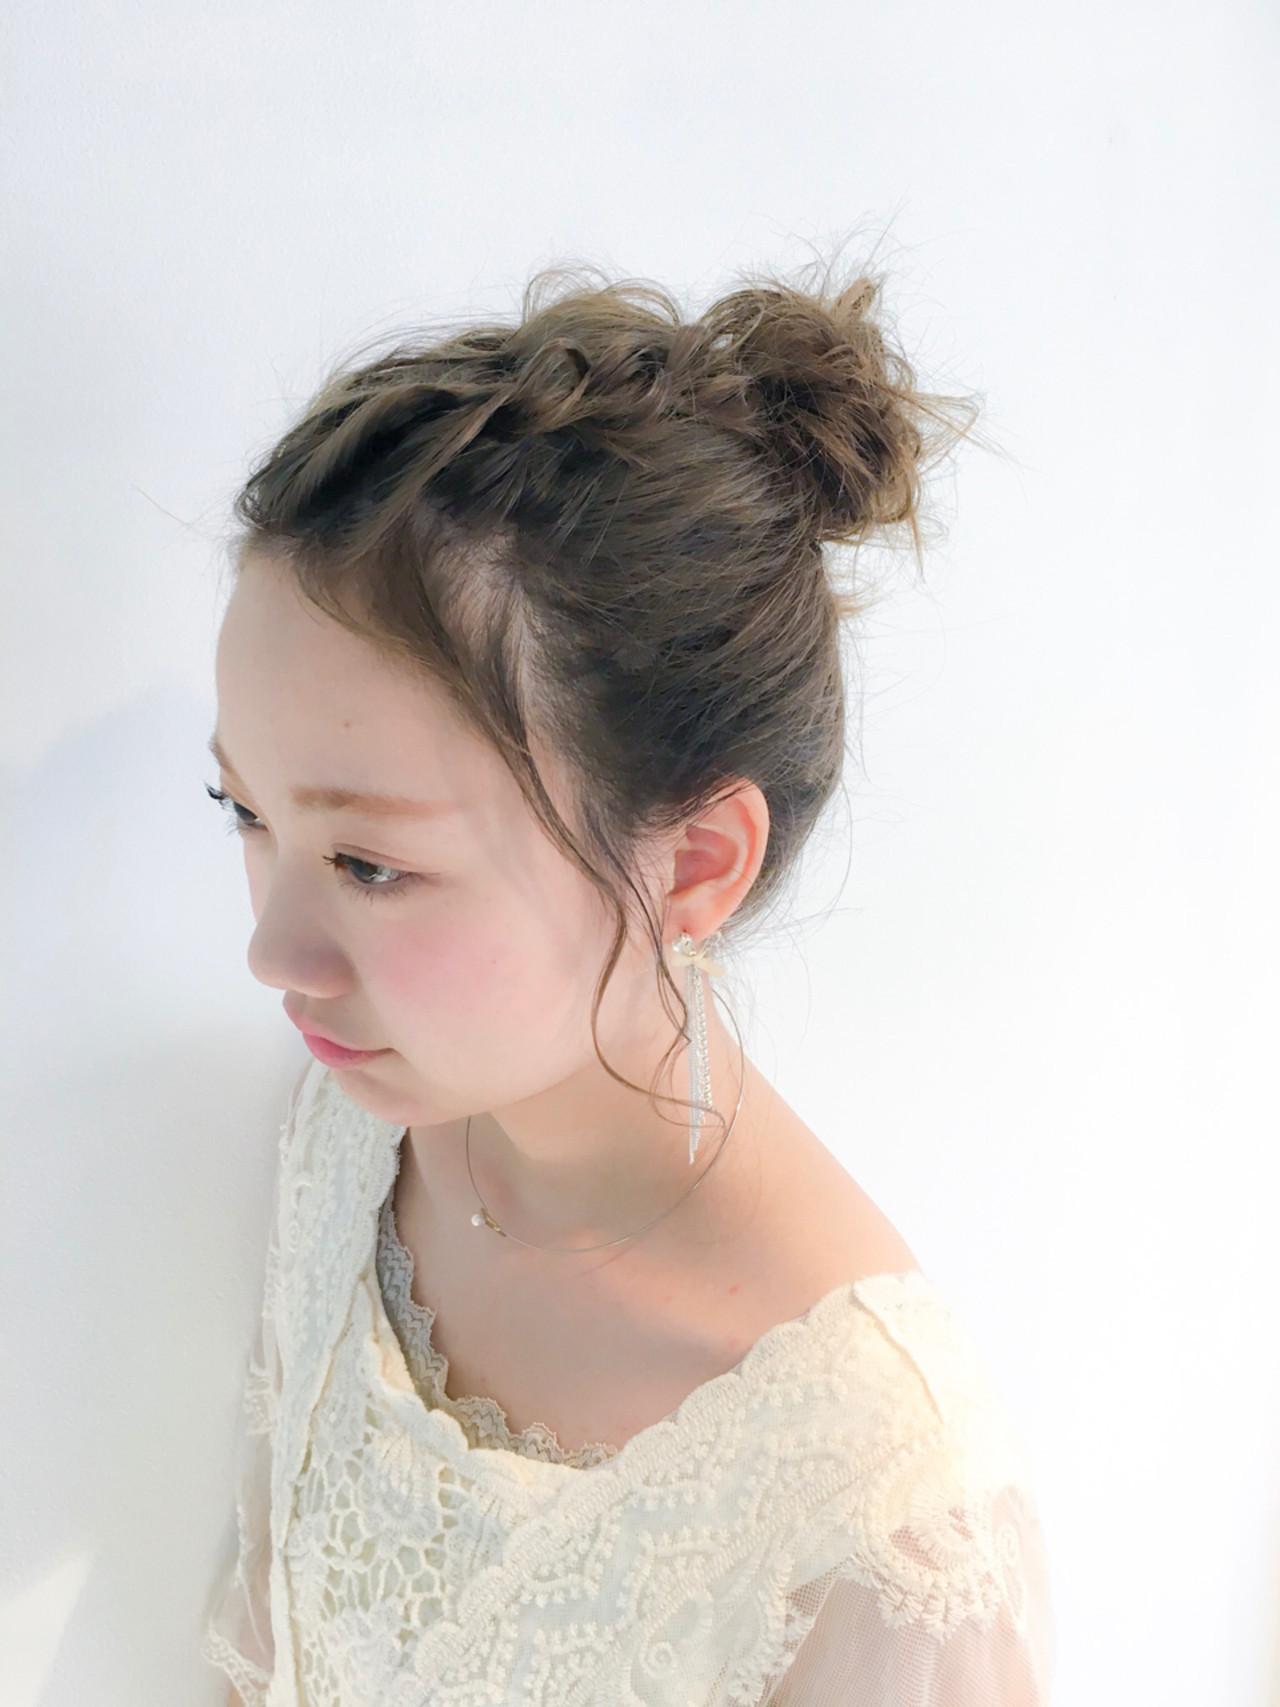 前髪なしお団子ですっきりとした印象に♪ 美容師 HIRO | Amoute/アムティ